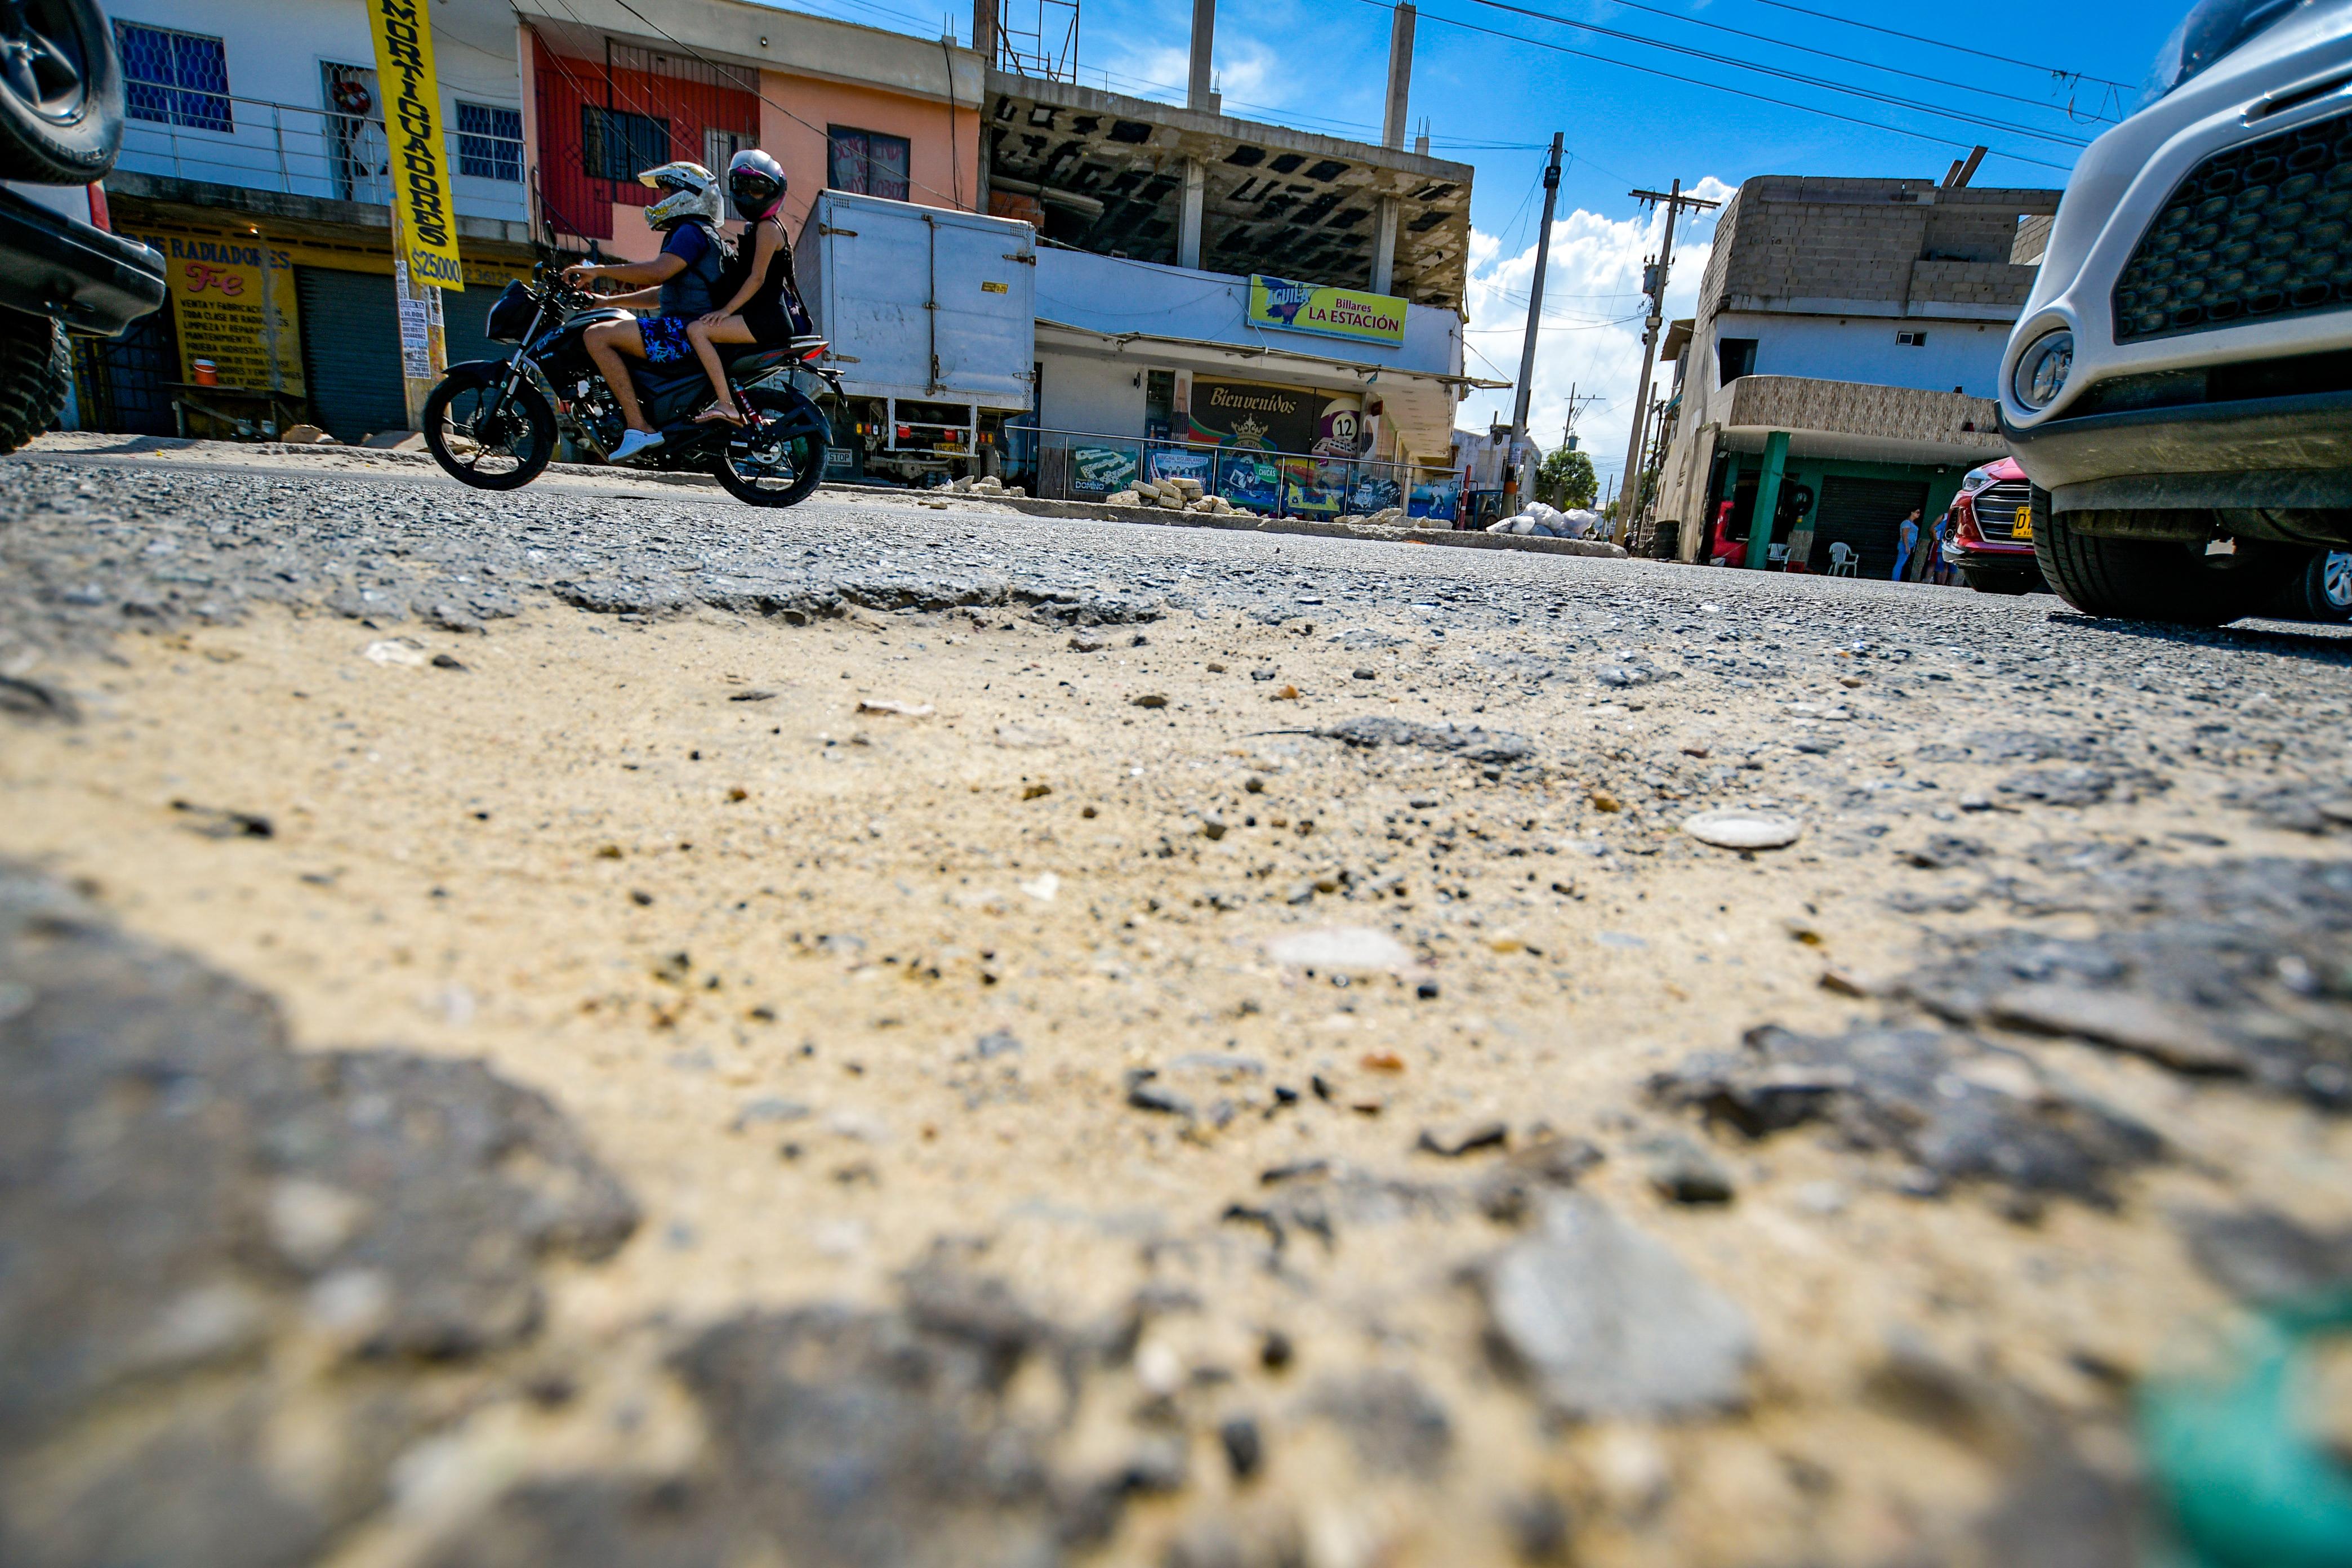 Un motociclista esquiva uno de los huecos.